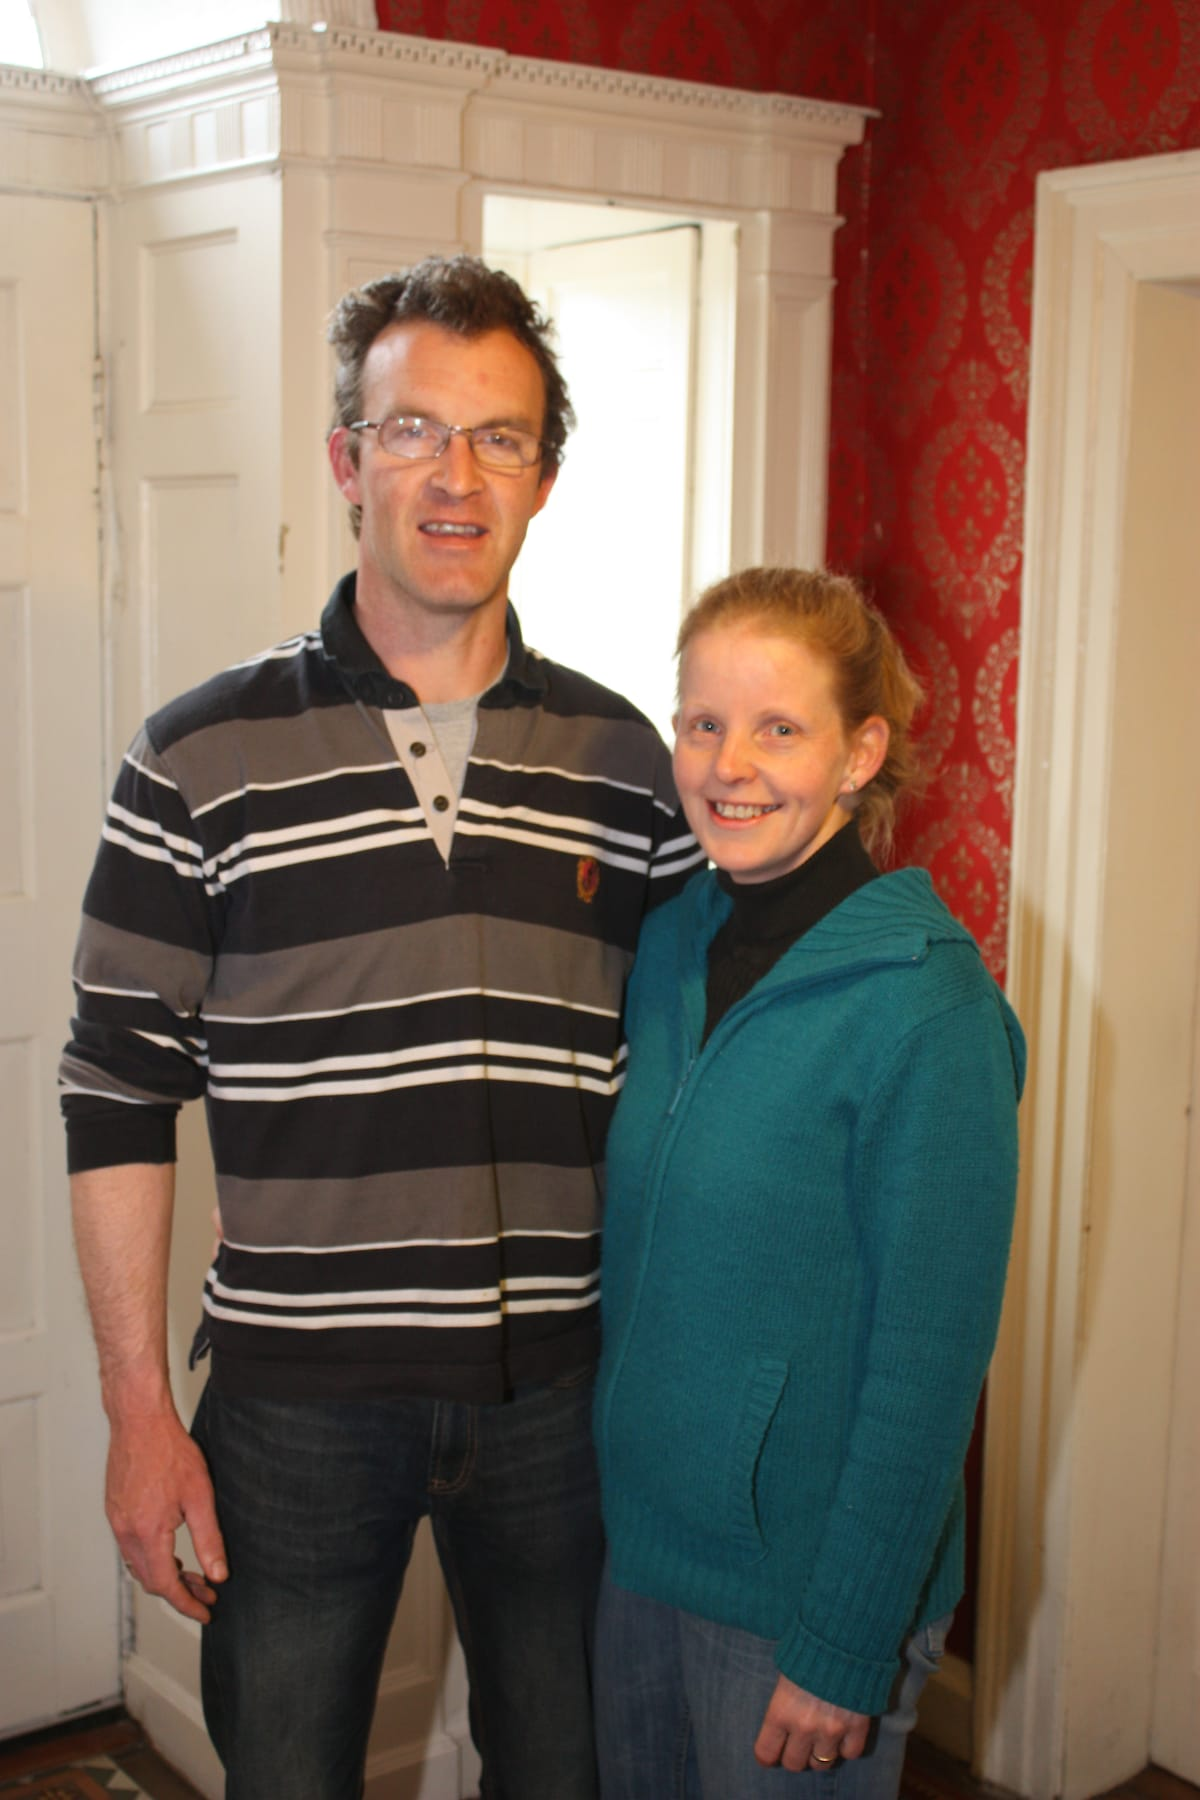 Andrew & Antoinette from Kildare